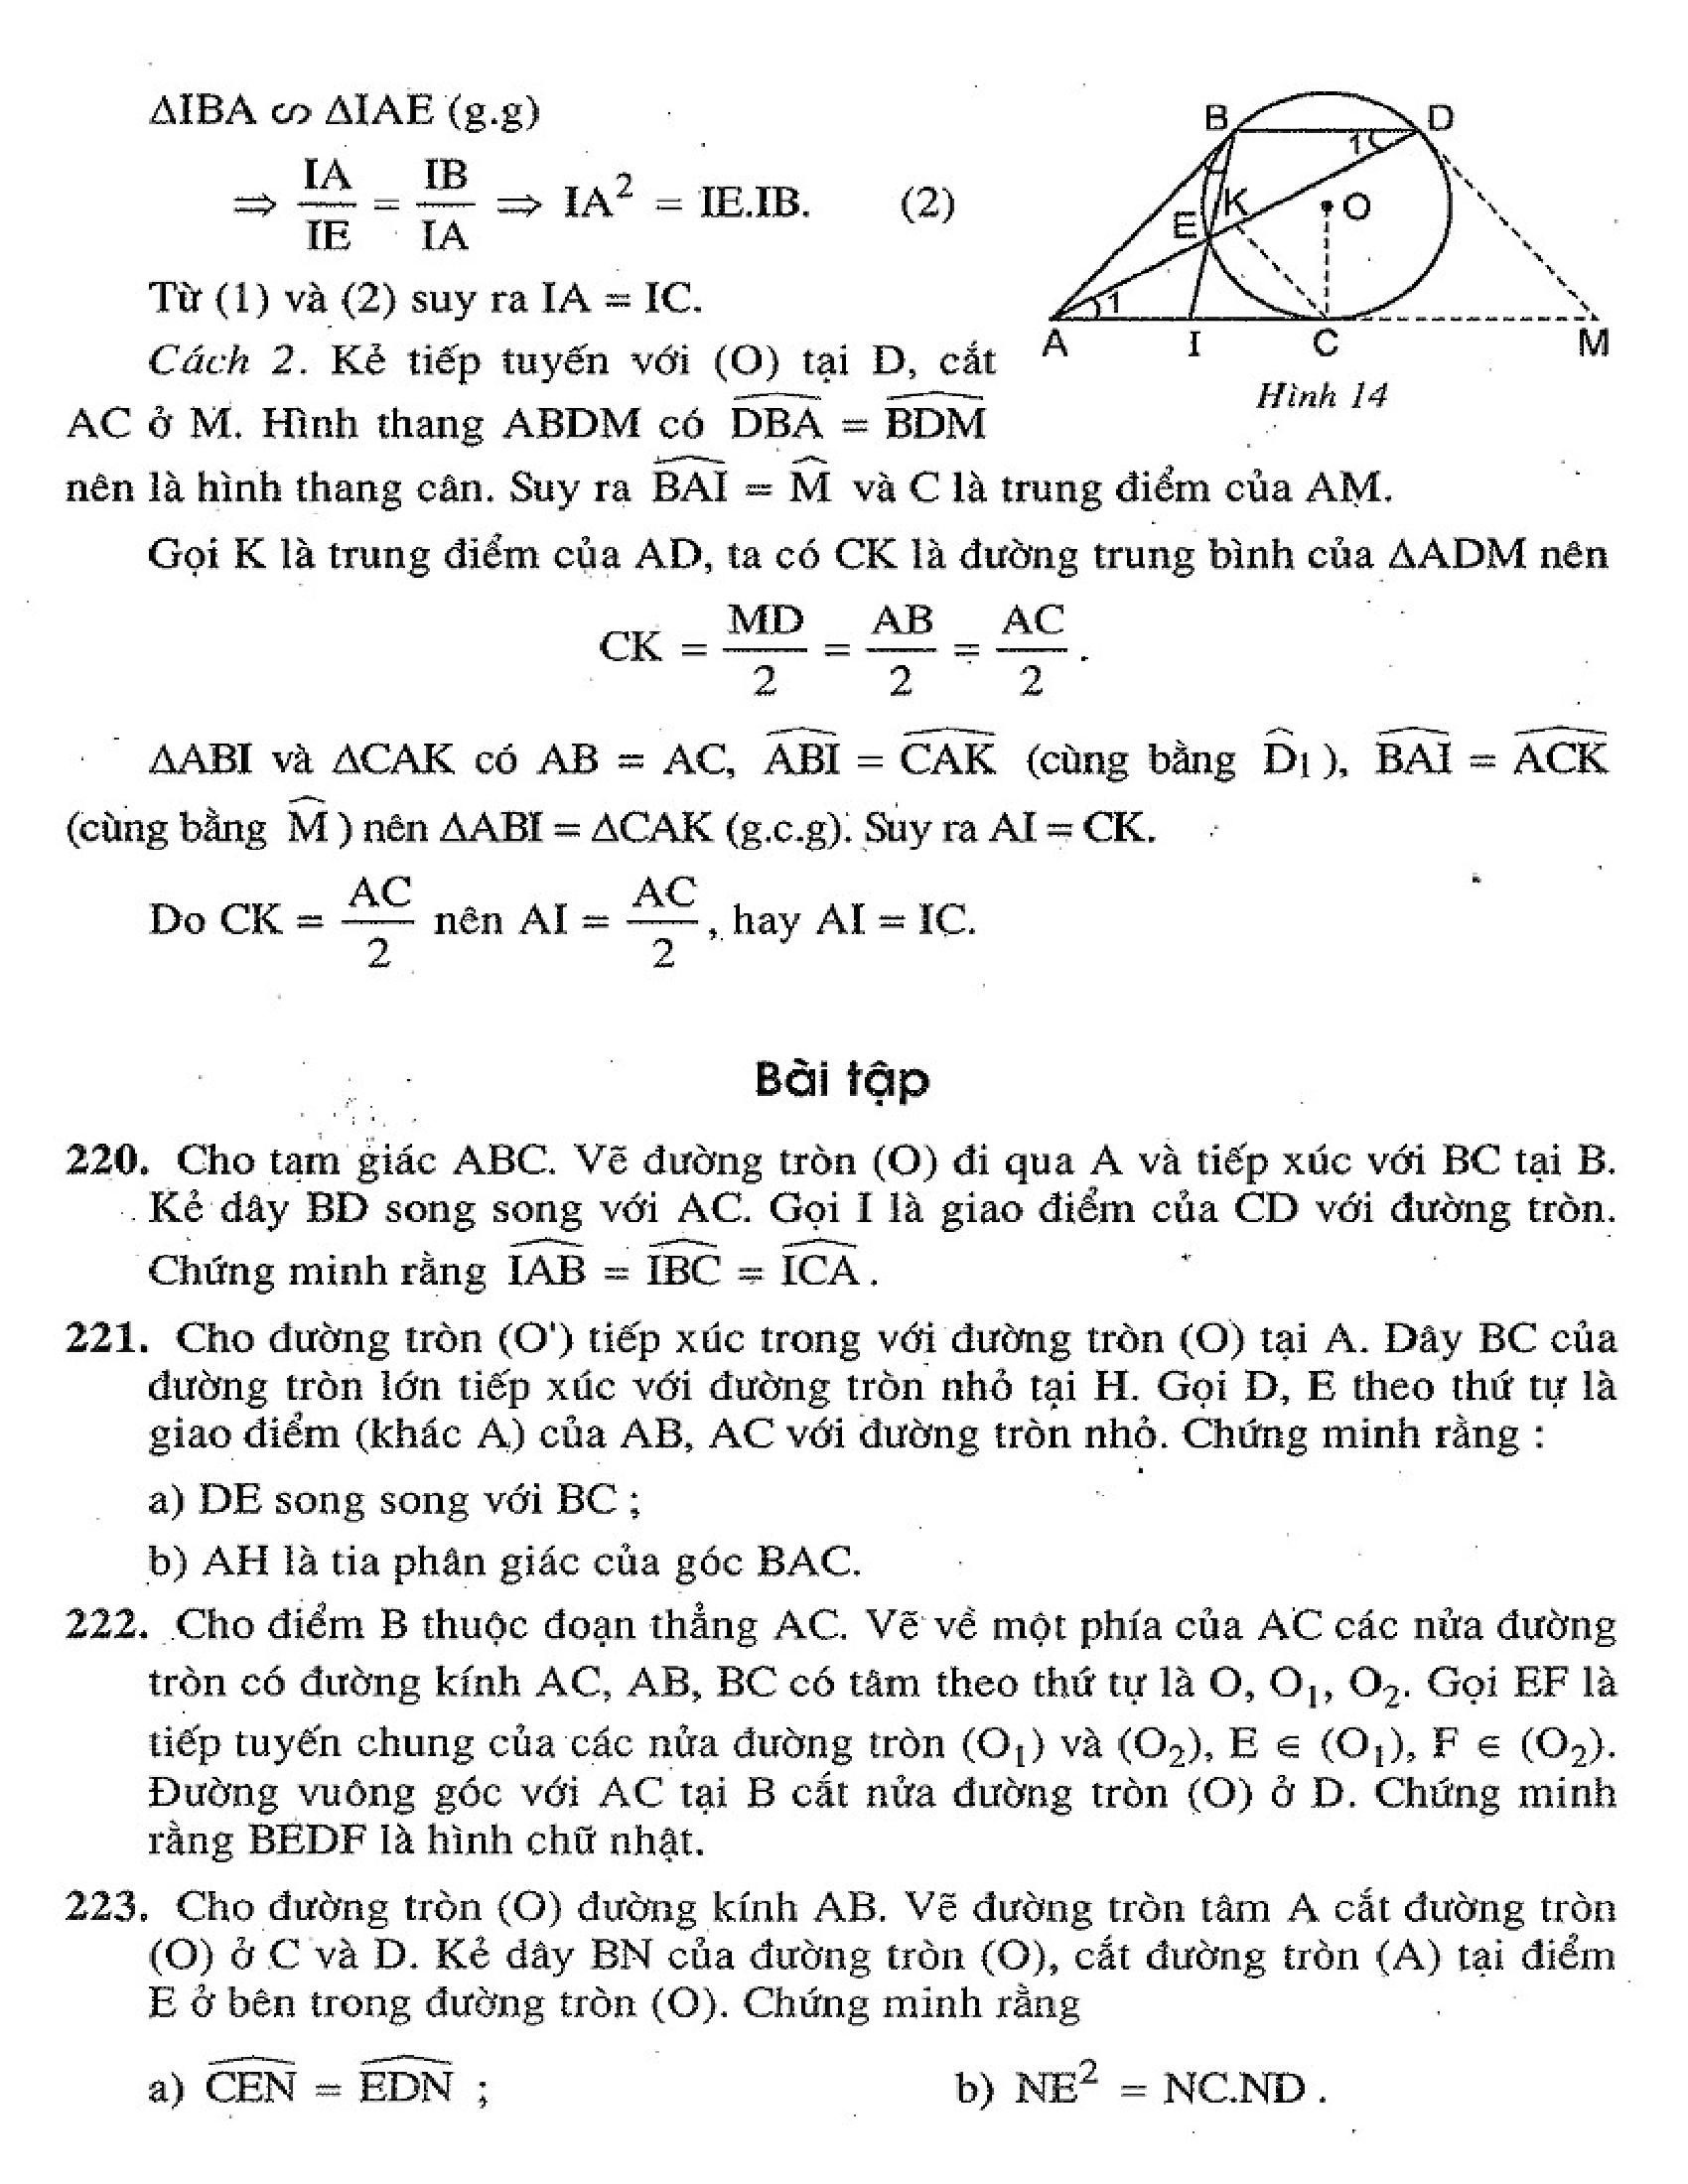 Bộ Tài Liệu Toán Đại Số 9 Nâng Cao HK2 - Tập 2 đầy đủ